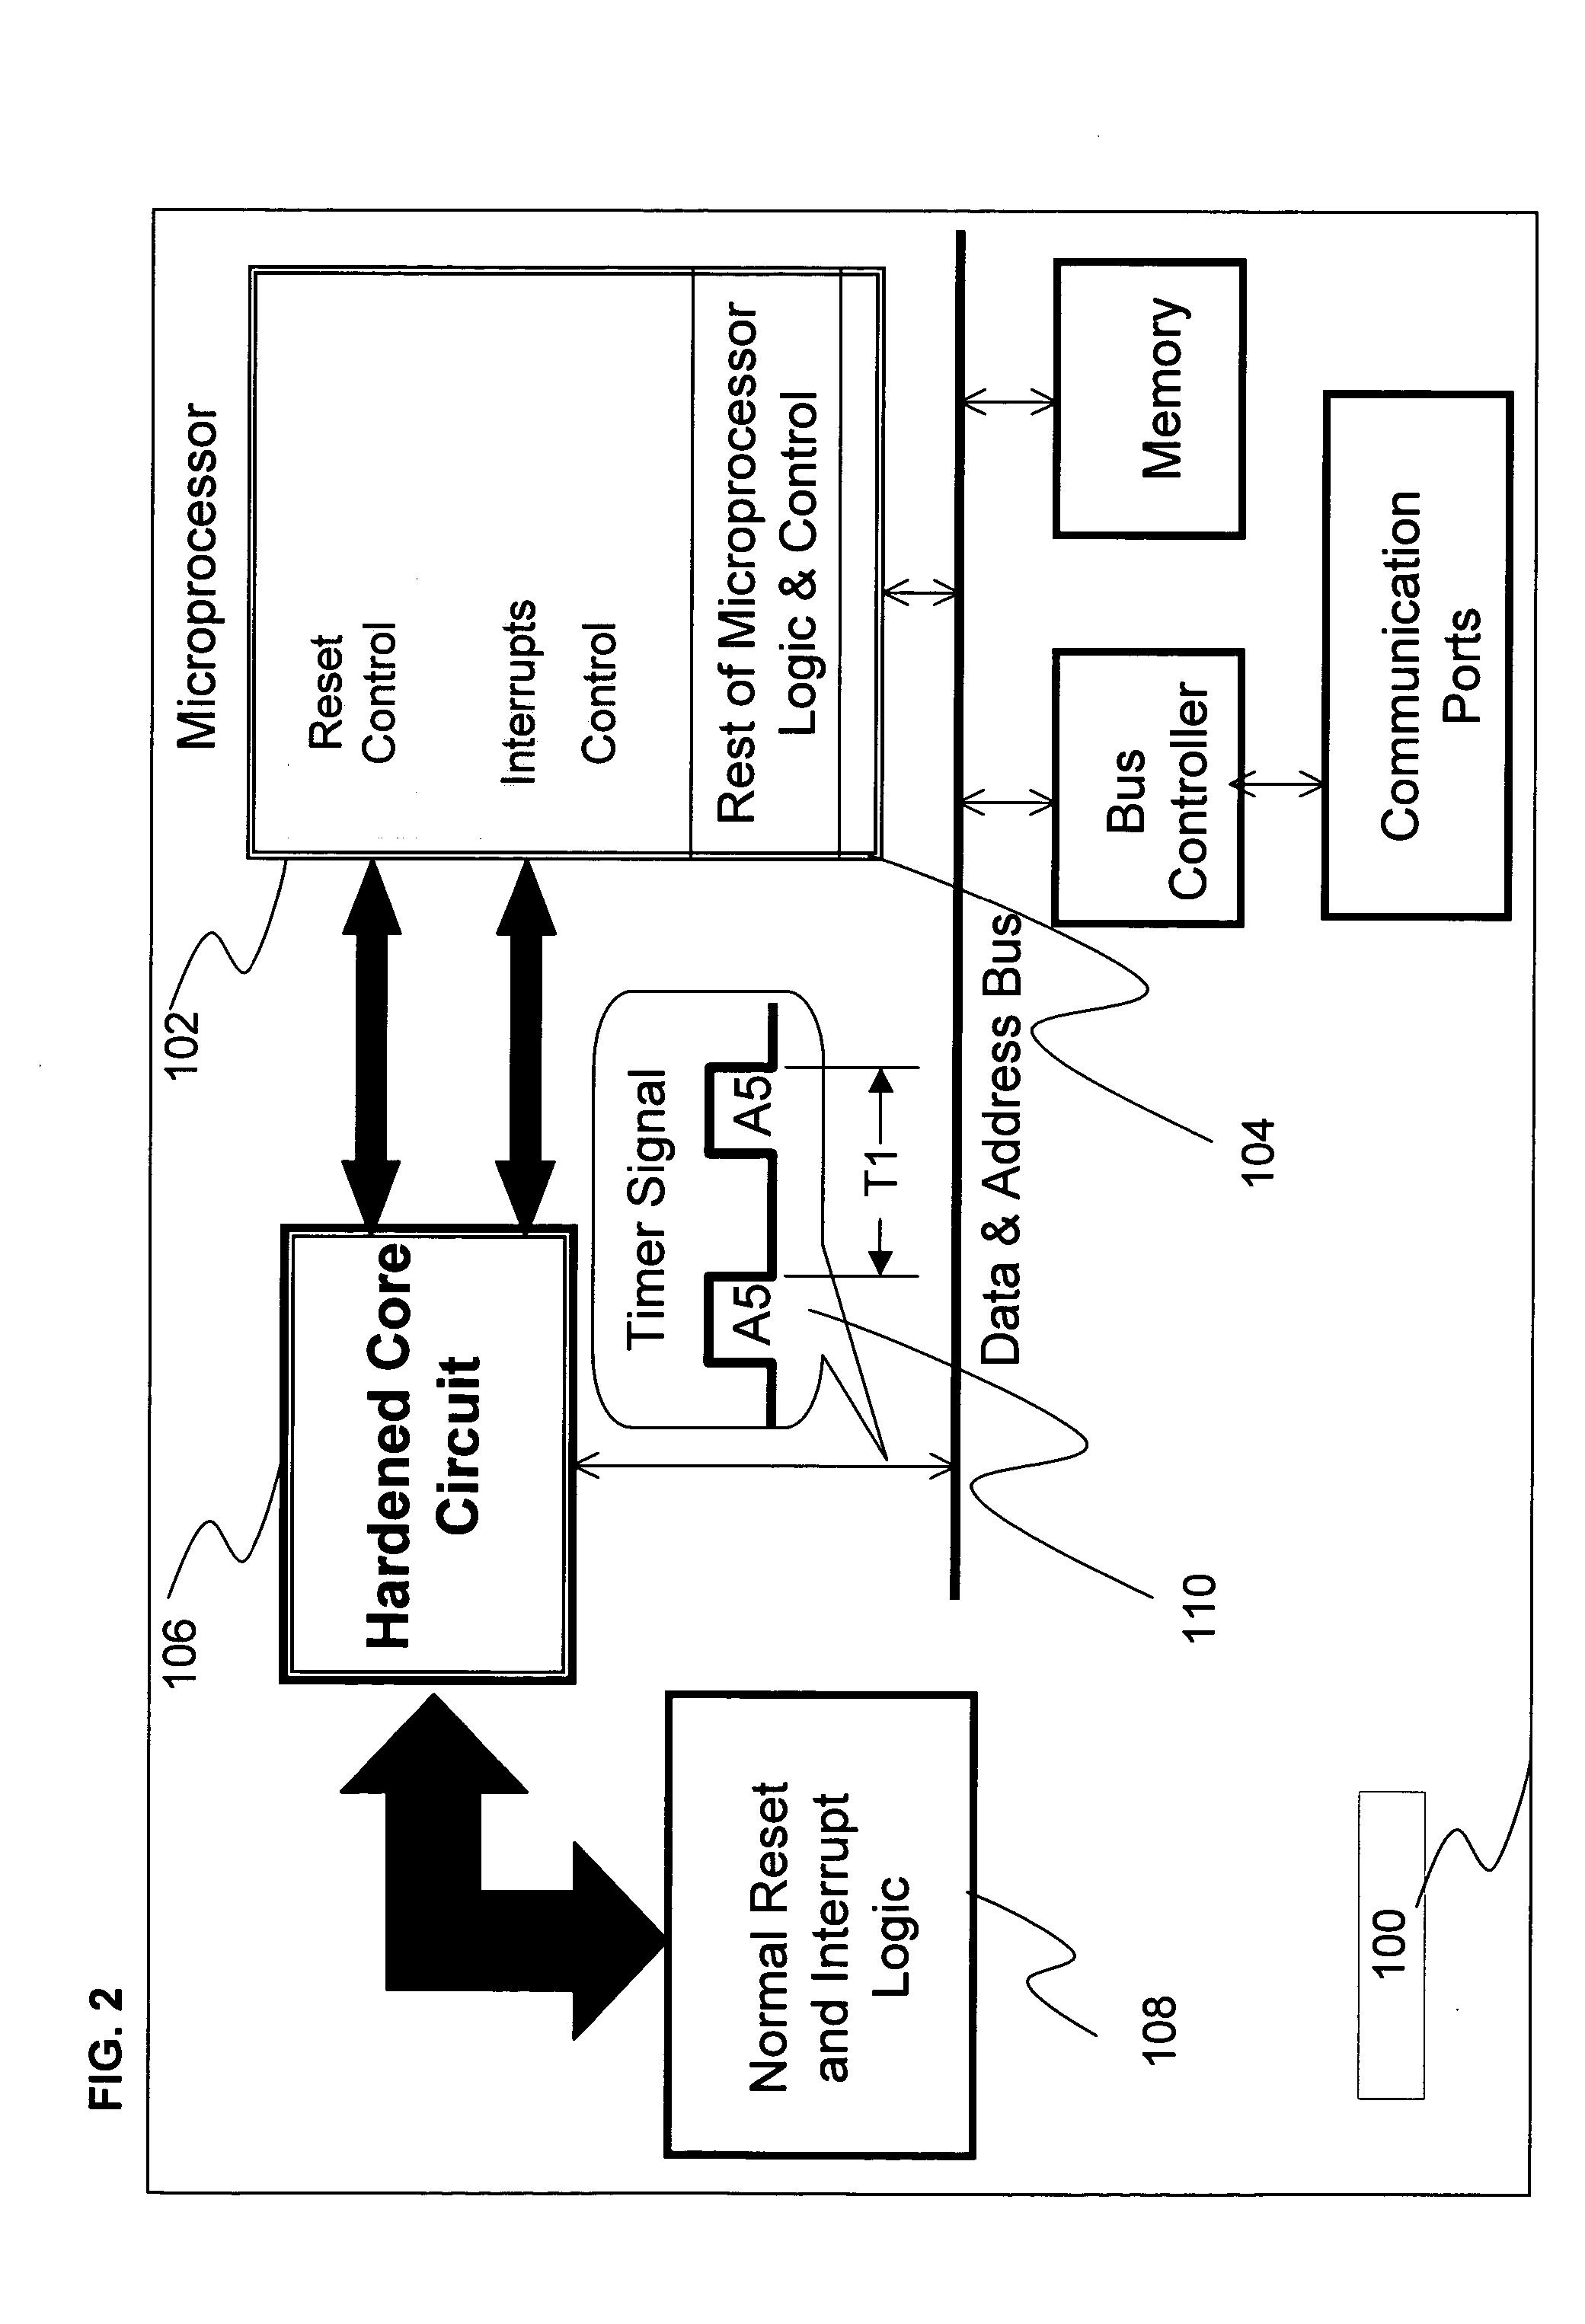 patent us7237148